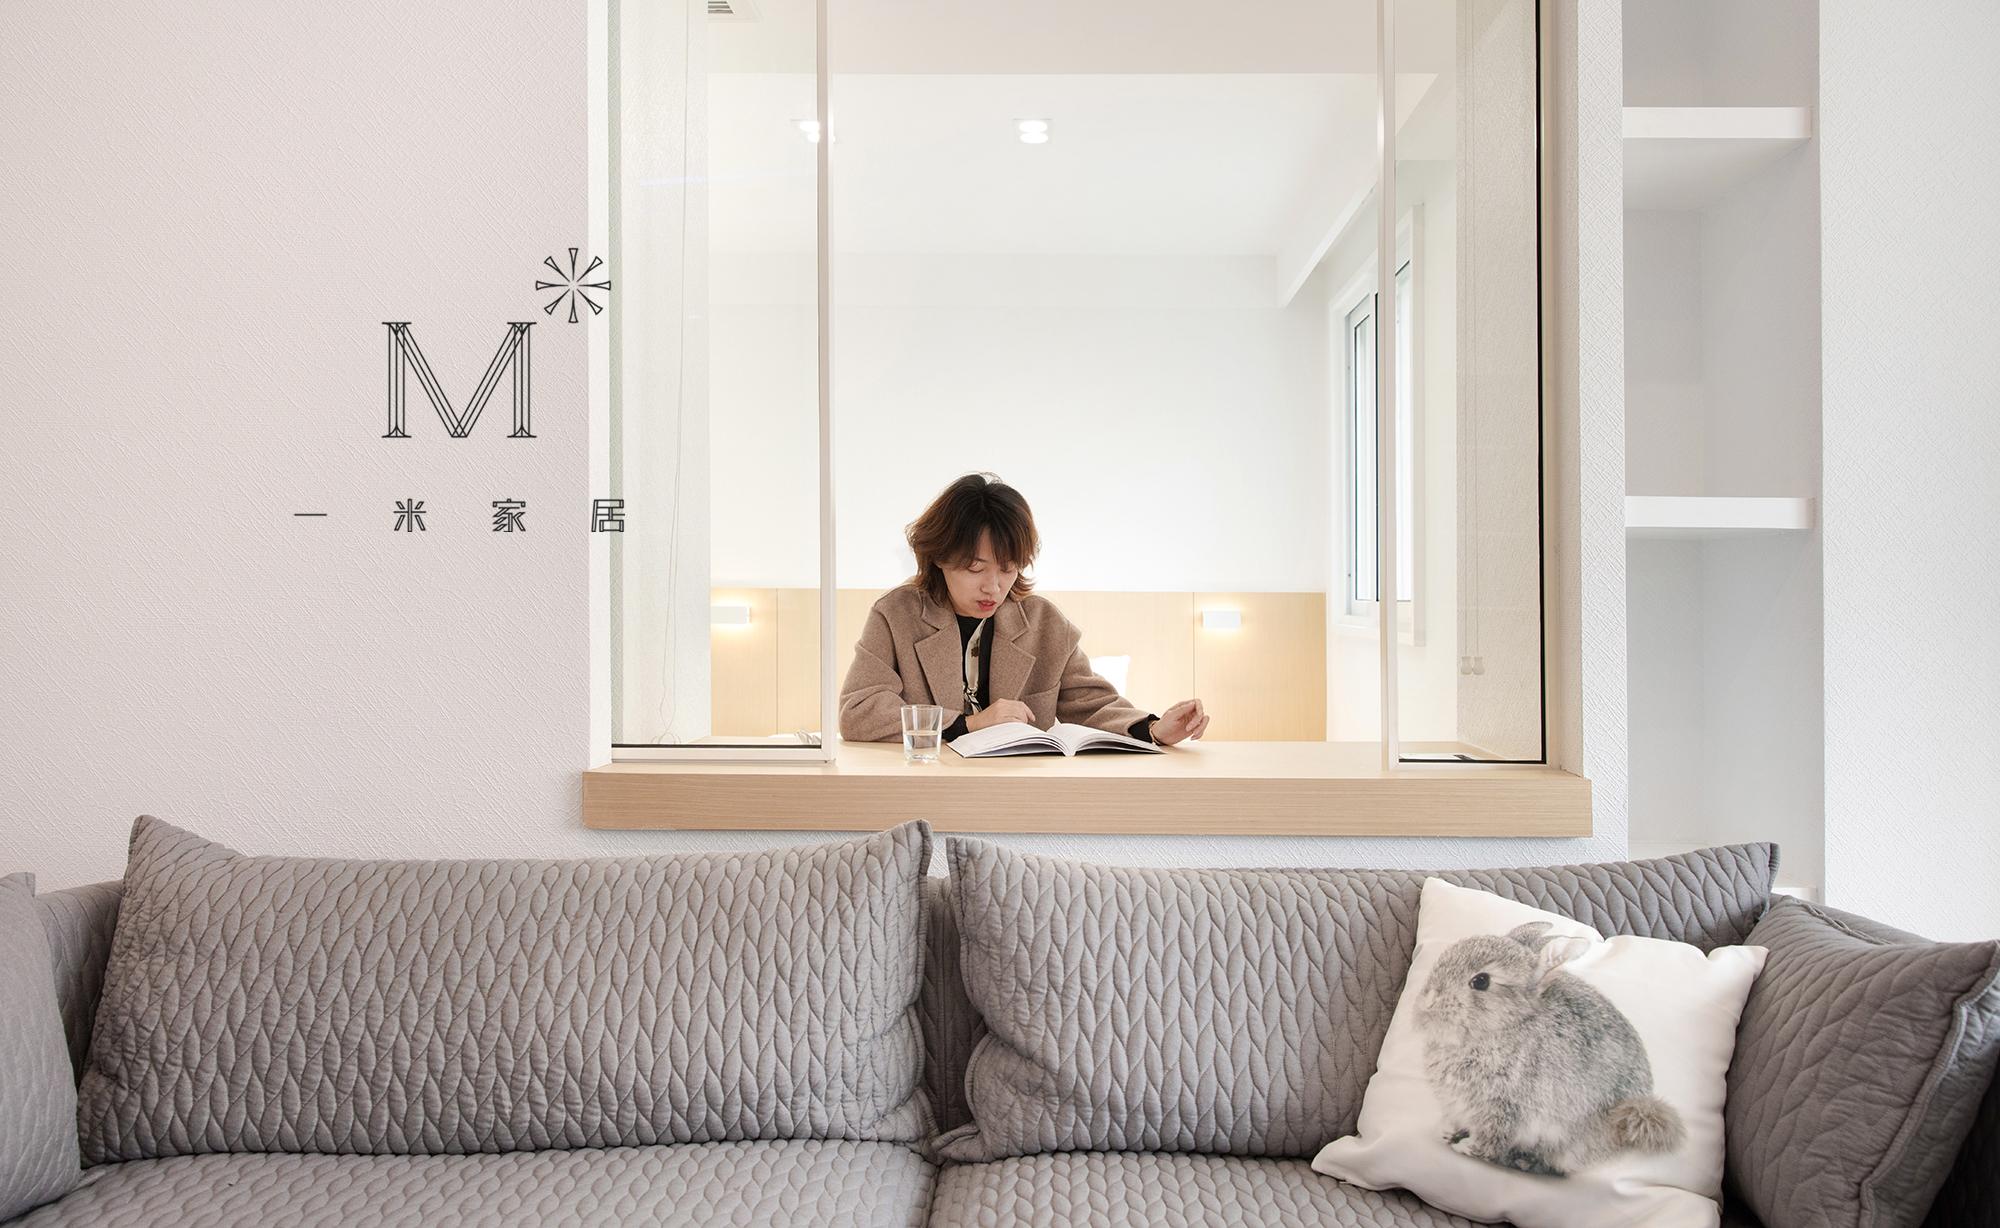 浪漫115平简约三居装修案例客厅现代简约客厅设计图片赏析